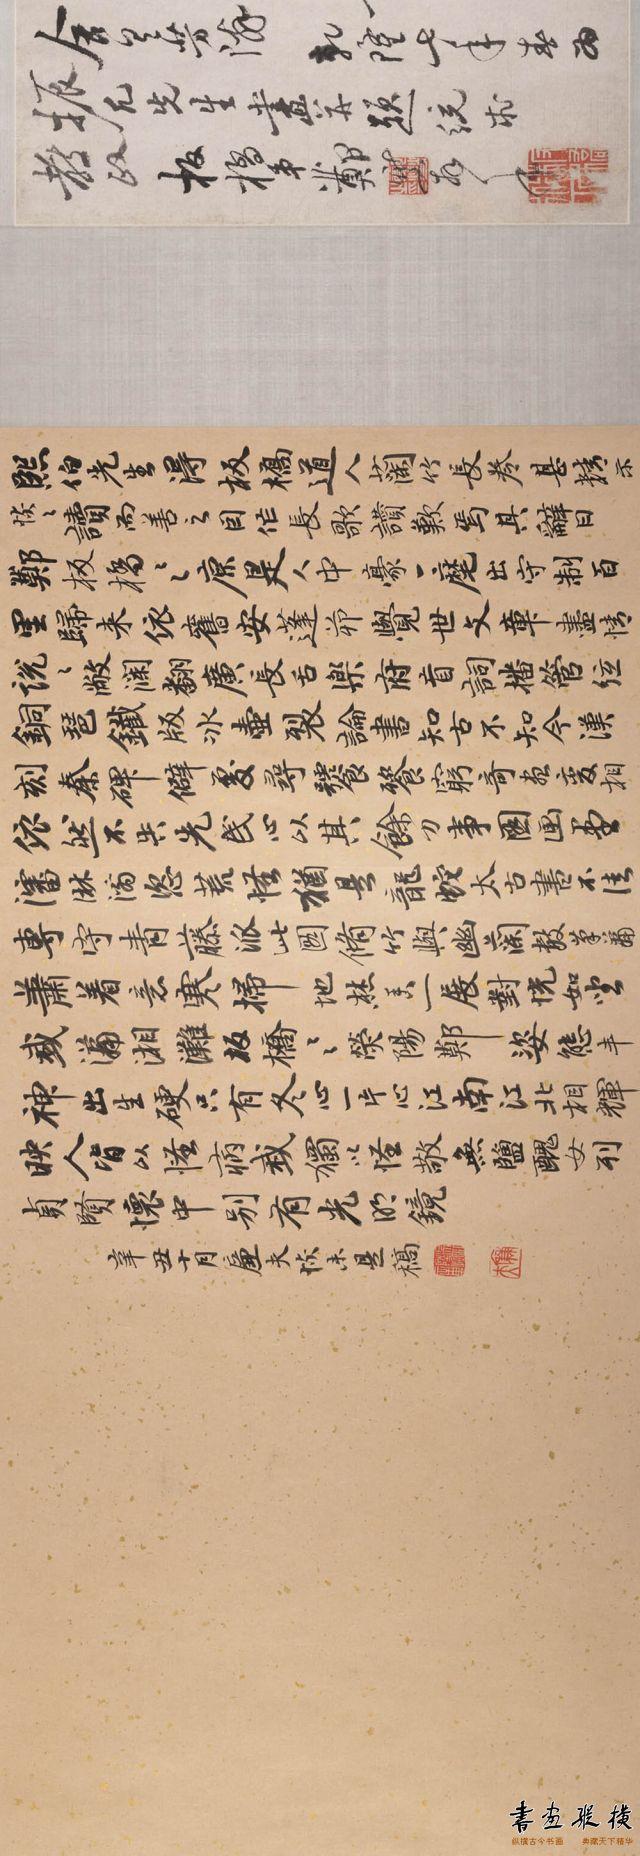 清 郑燮 兰竹图卷 纸本水墨 纵34.9厘米 横374.7厘米 美国大都会艺术博物馆藏